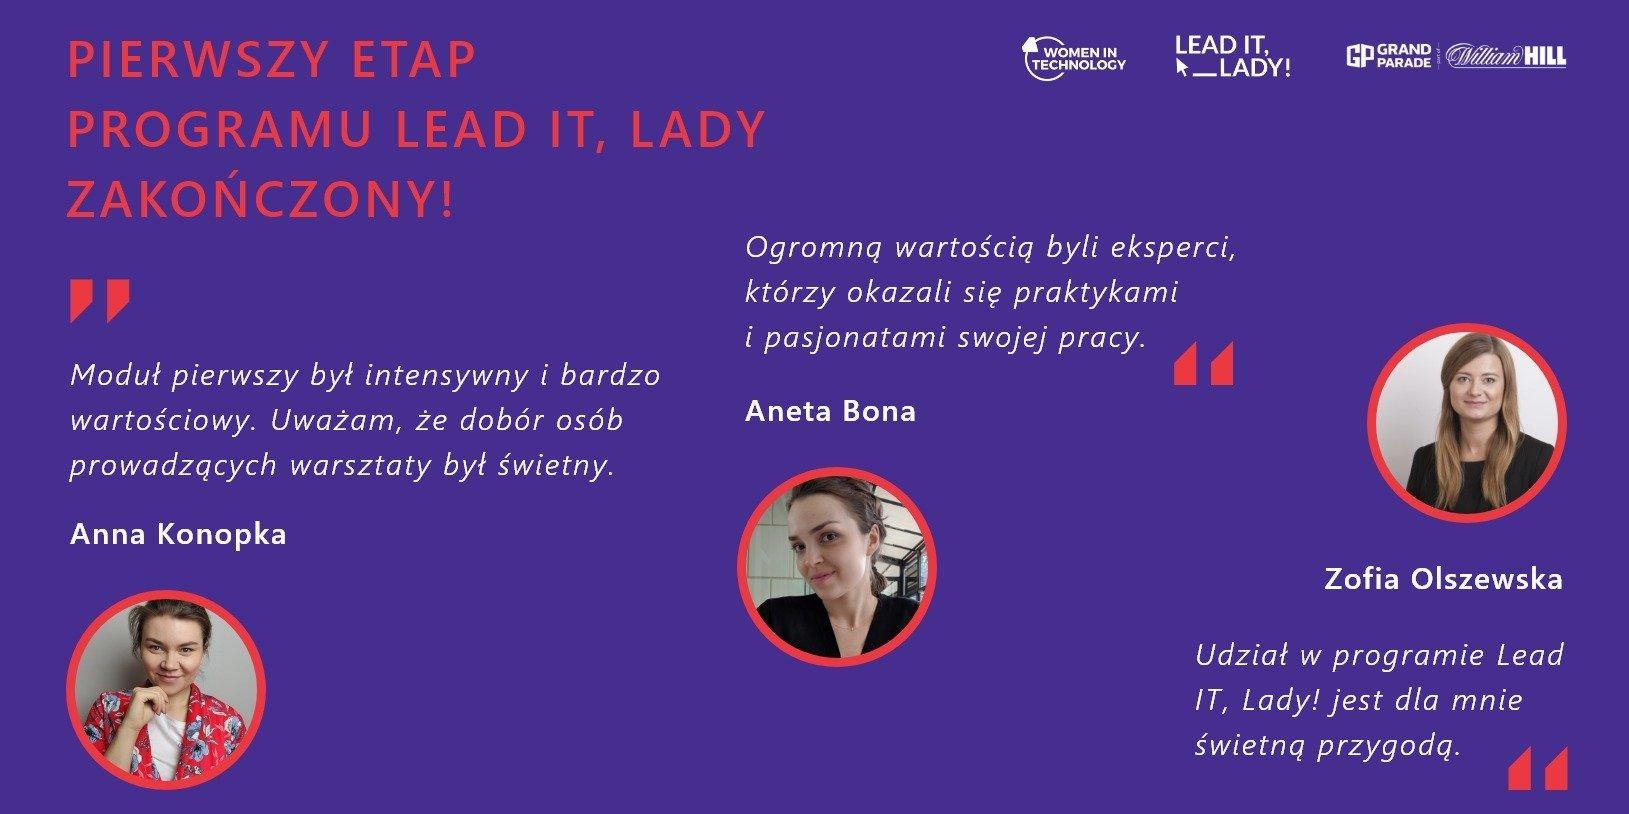 Pierwszy etap programu Lead IT, Lady zakończony!